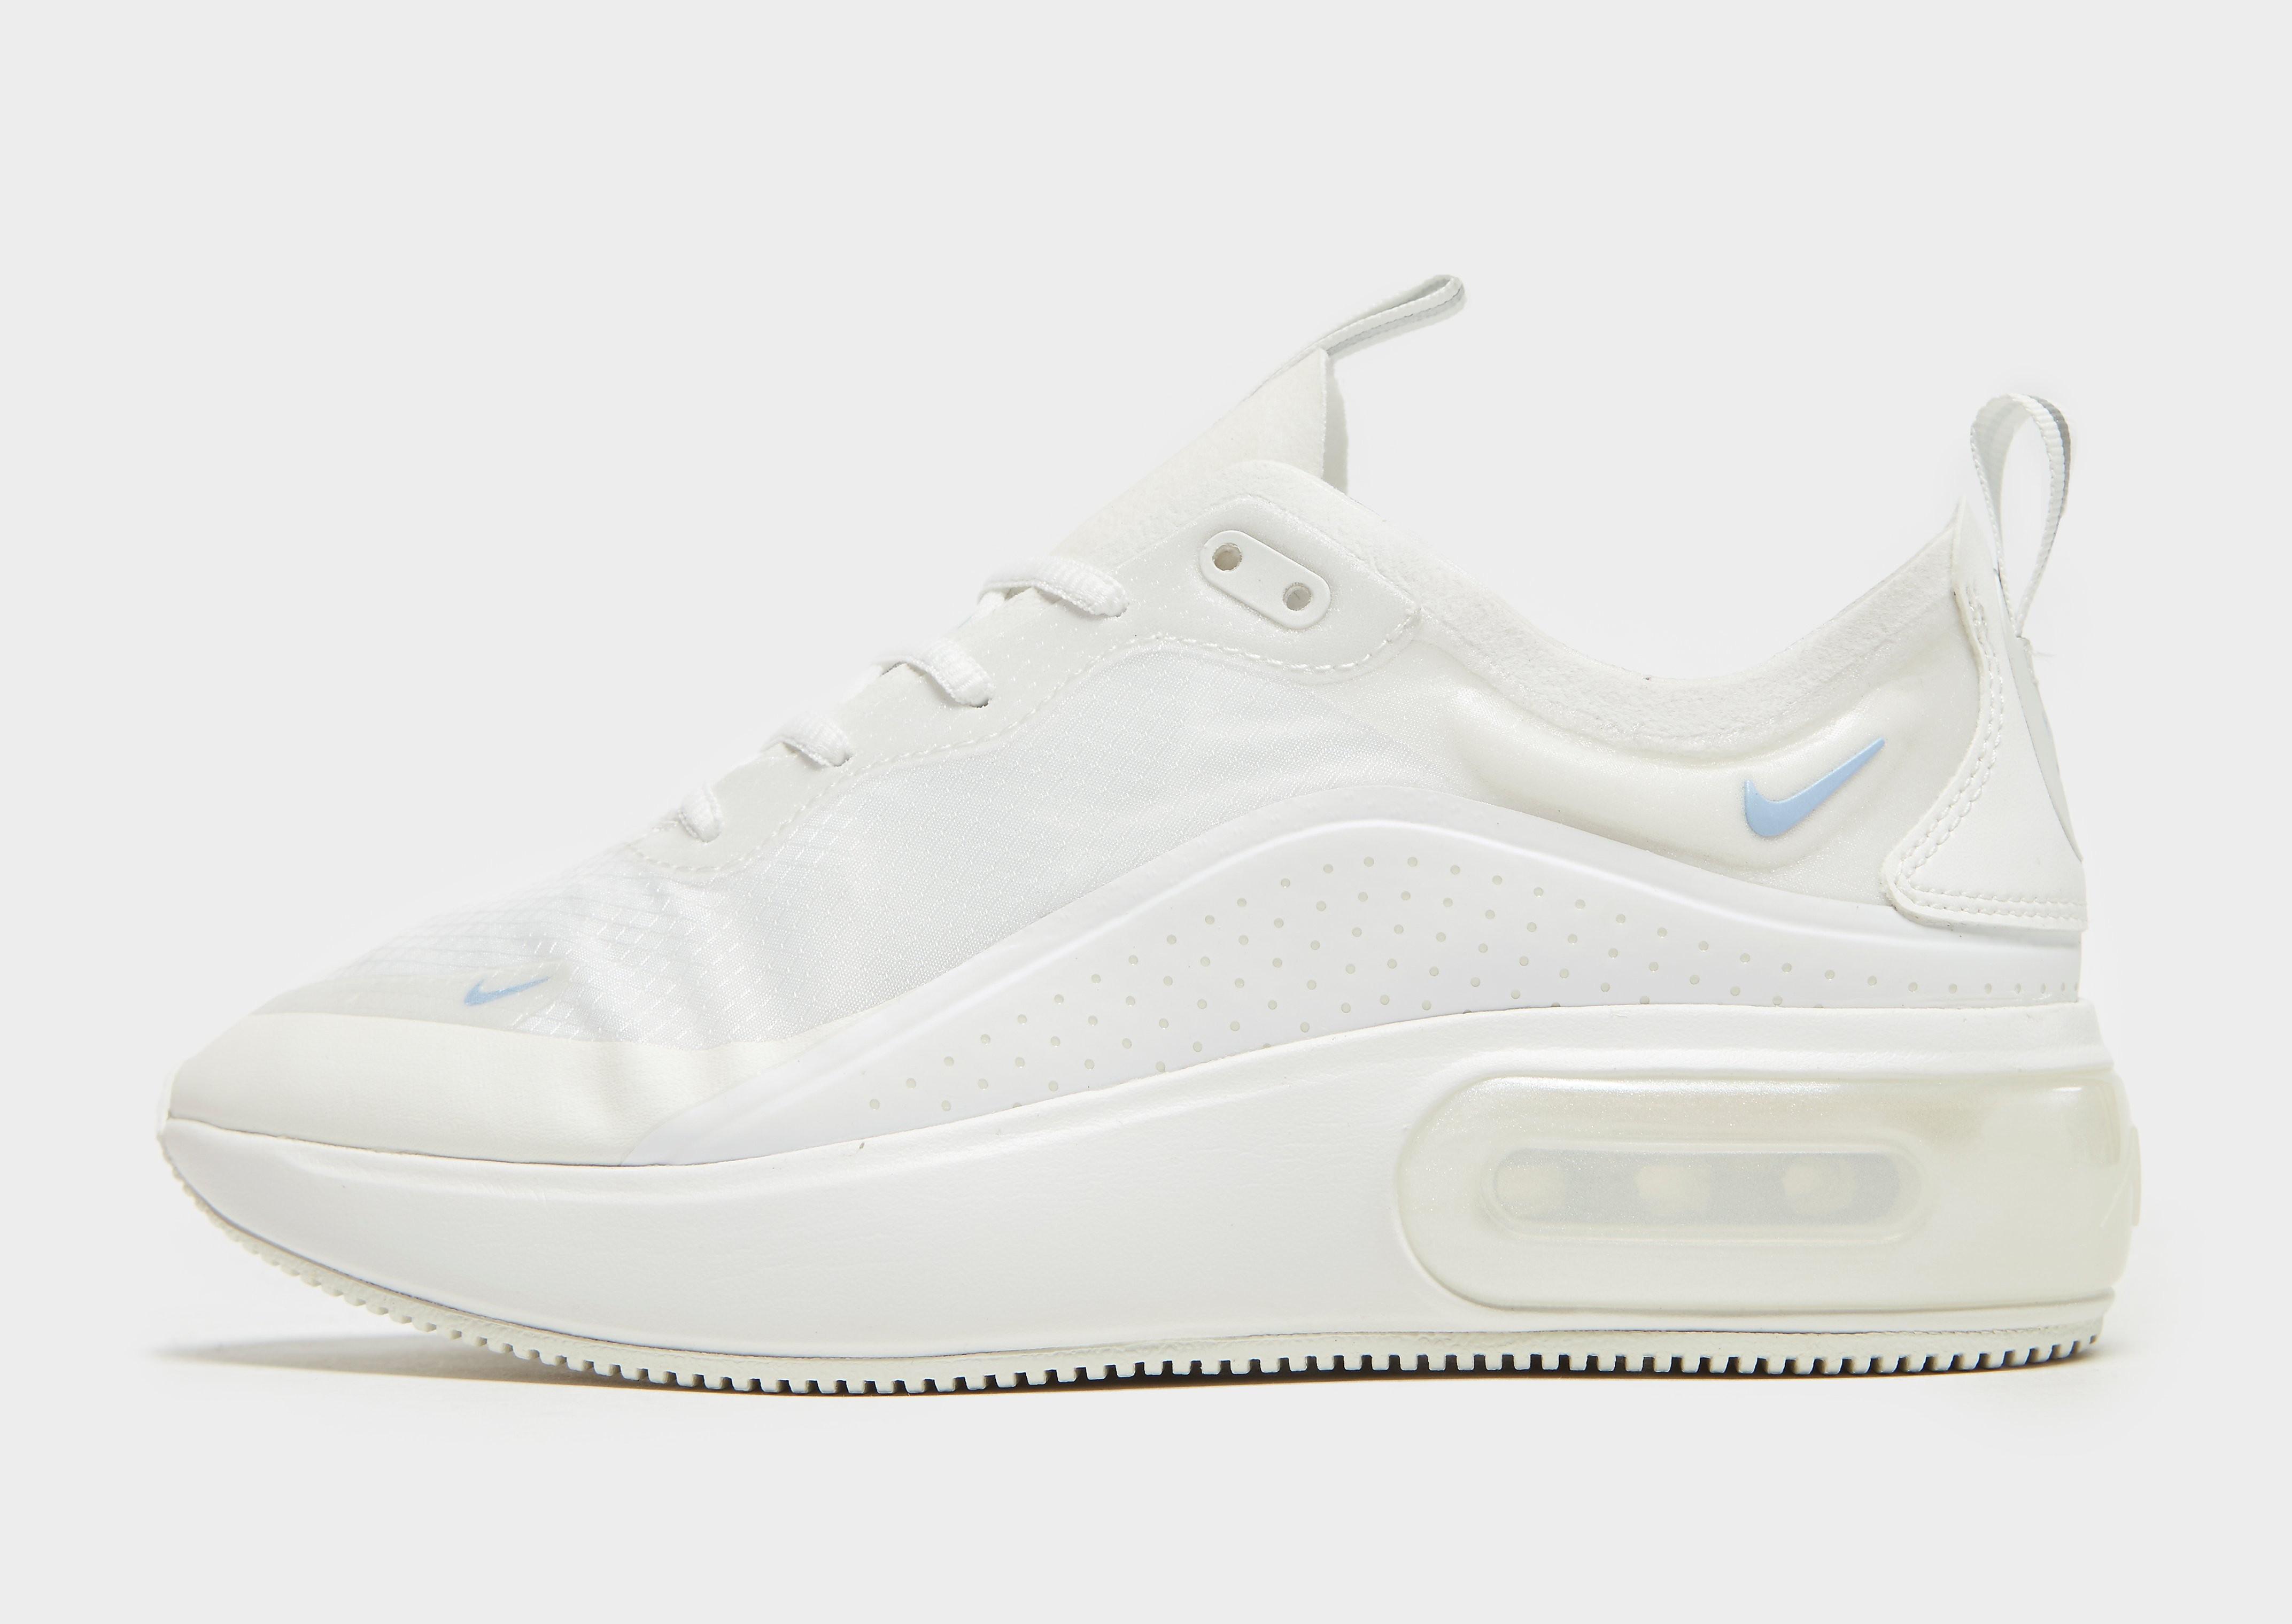 Nike Air Max Dia damessneaker wit en zwart